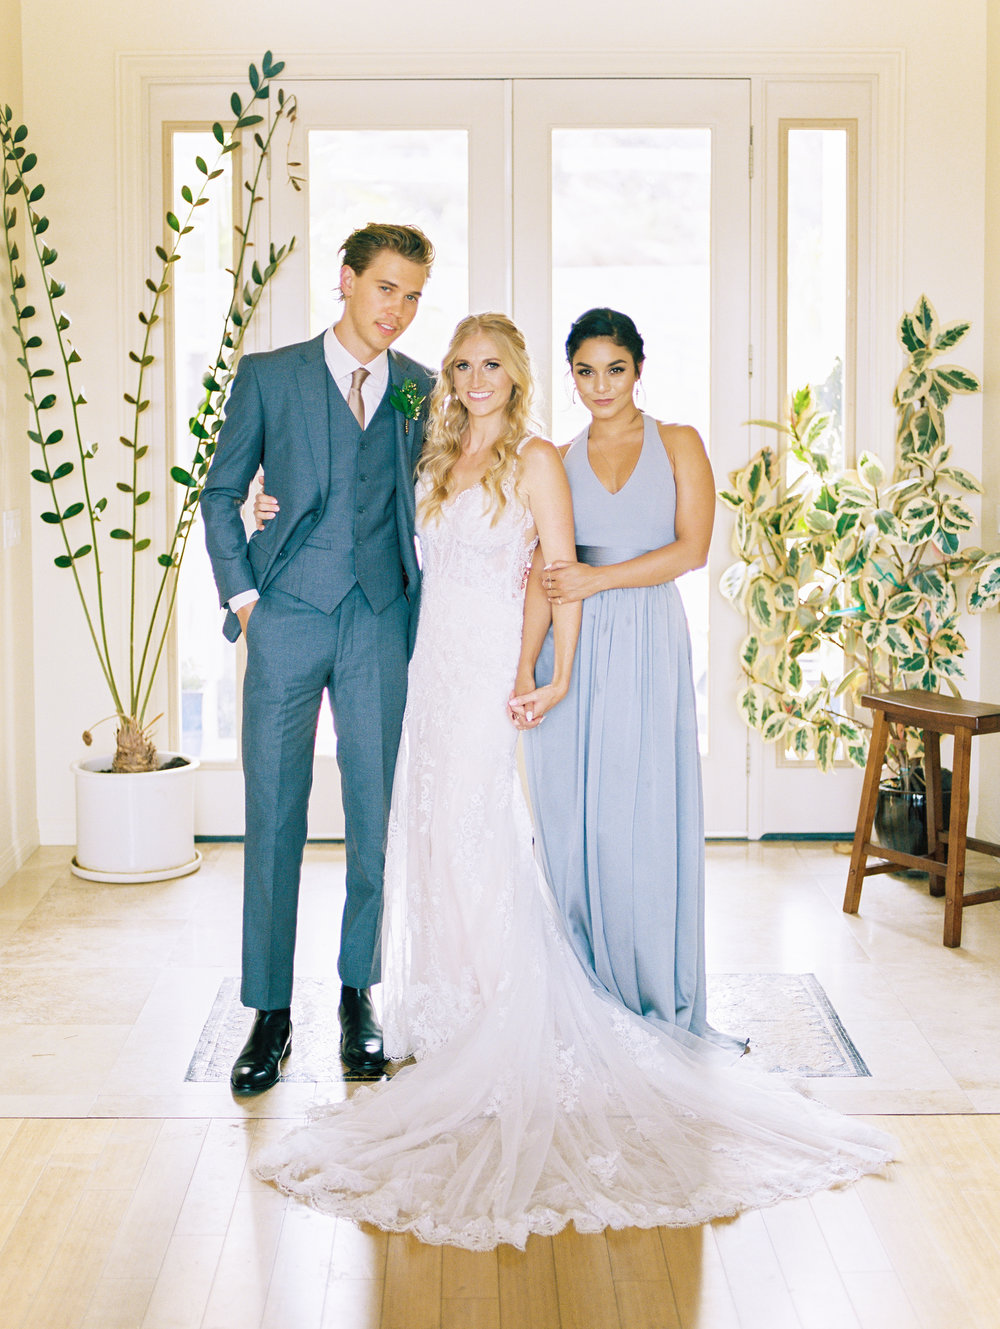 dennisroycoronel_ashleyanthony_vanessahudgens_austinbutler_wedding_losangeles_photographer-56.jpg